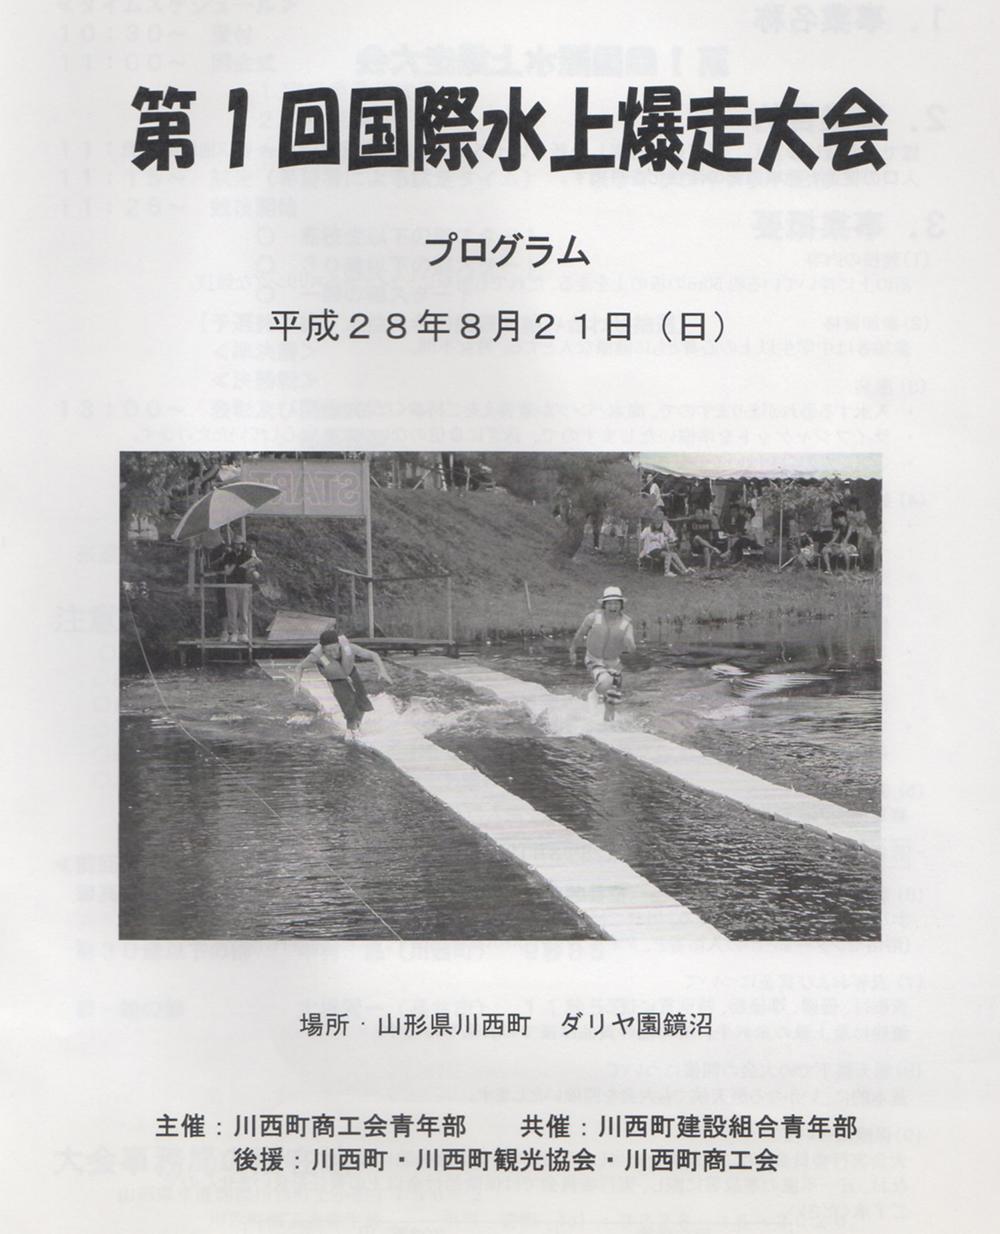 川西町水上爆走大会広告協賛